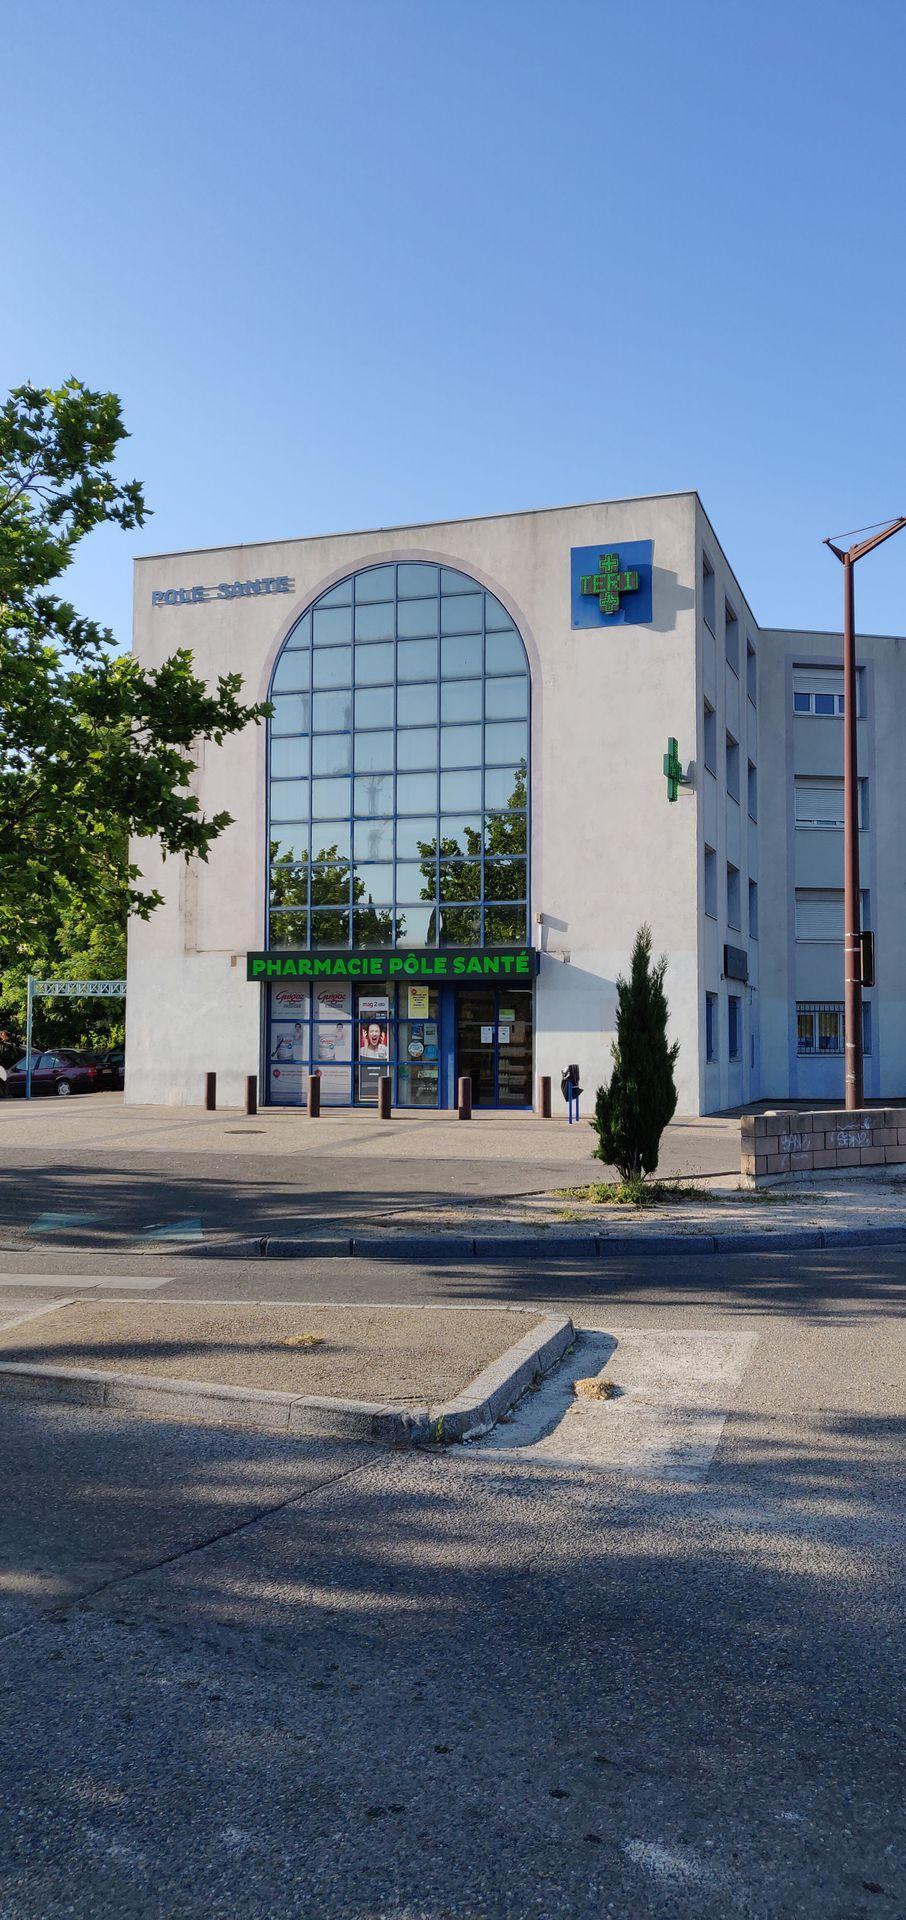 Pharmacie Pole Santé Avignon